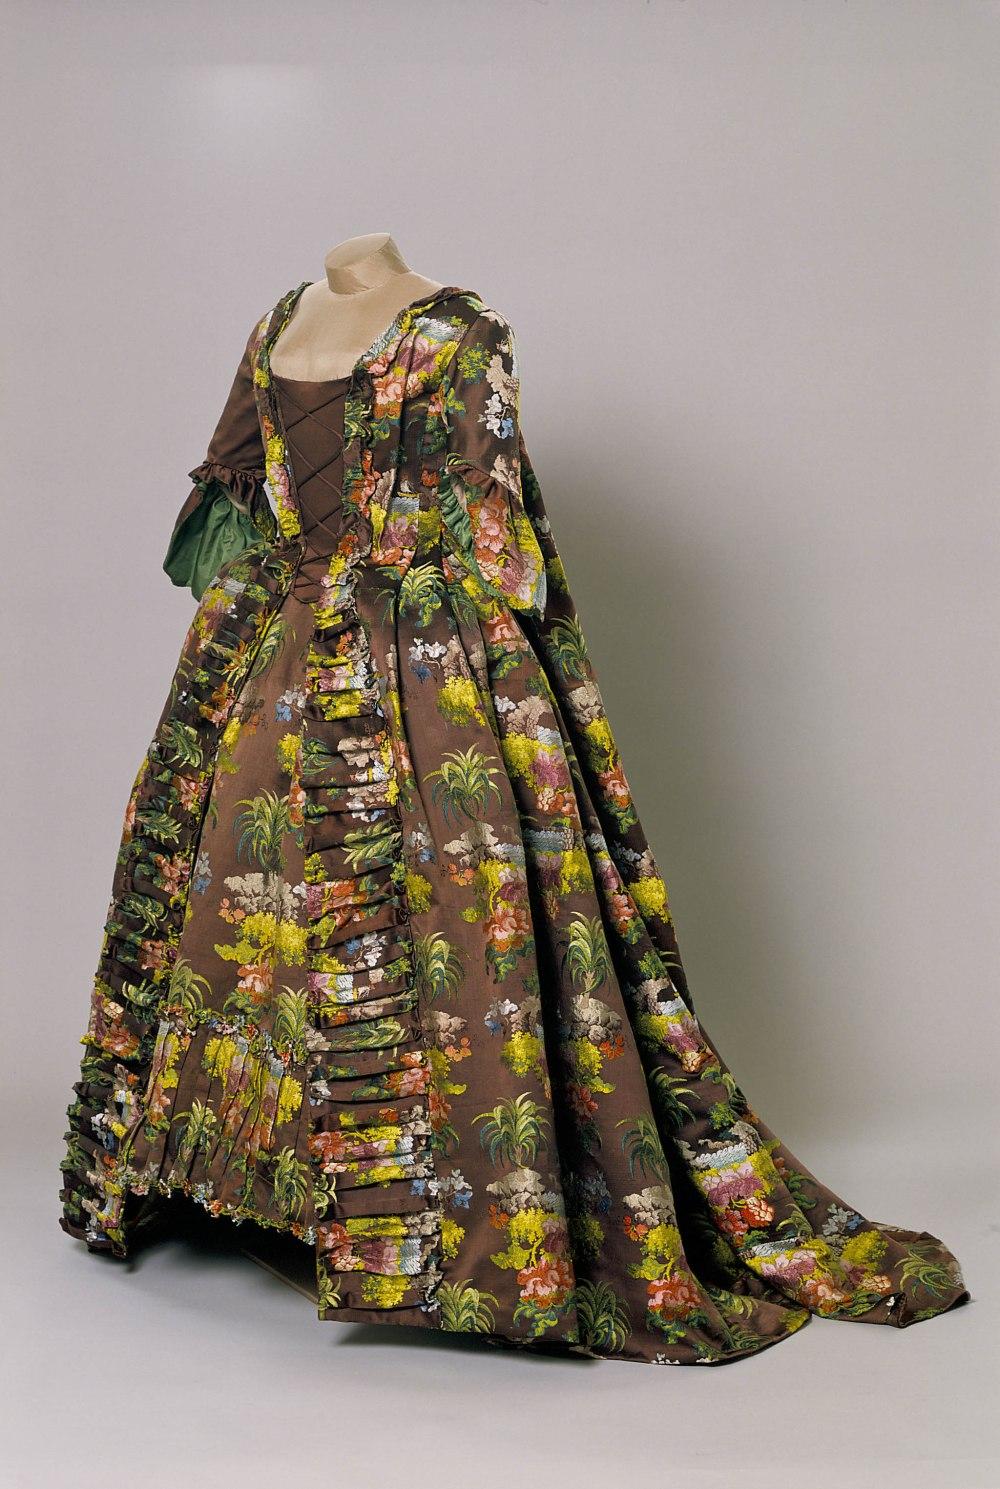 Vestido a la francesa. Siglo XVIII. Museo de la Seda. Lyon.